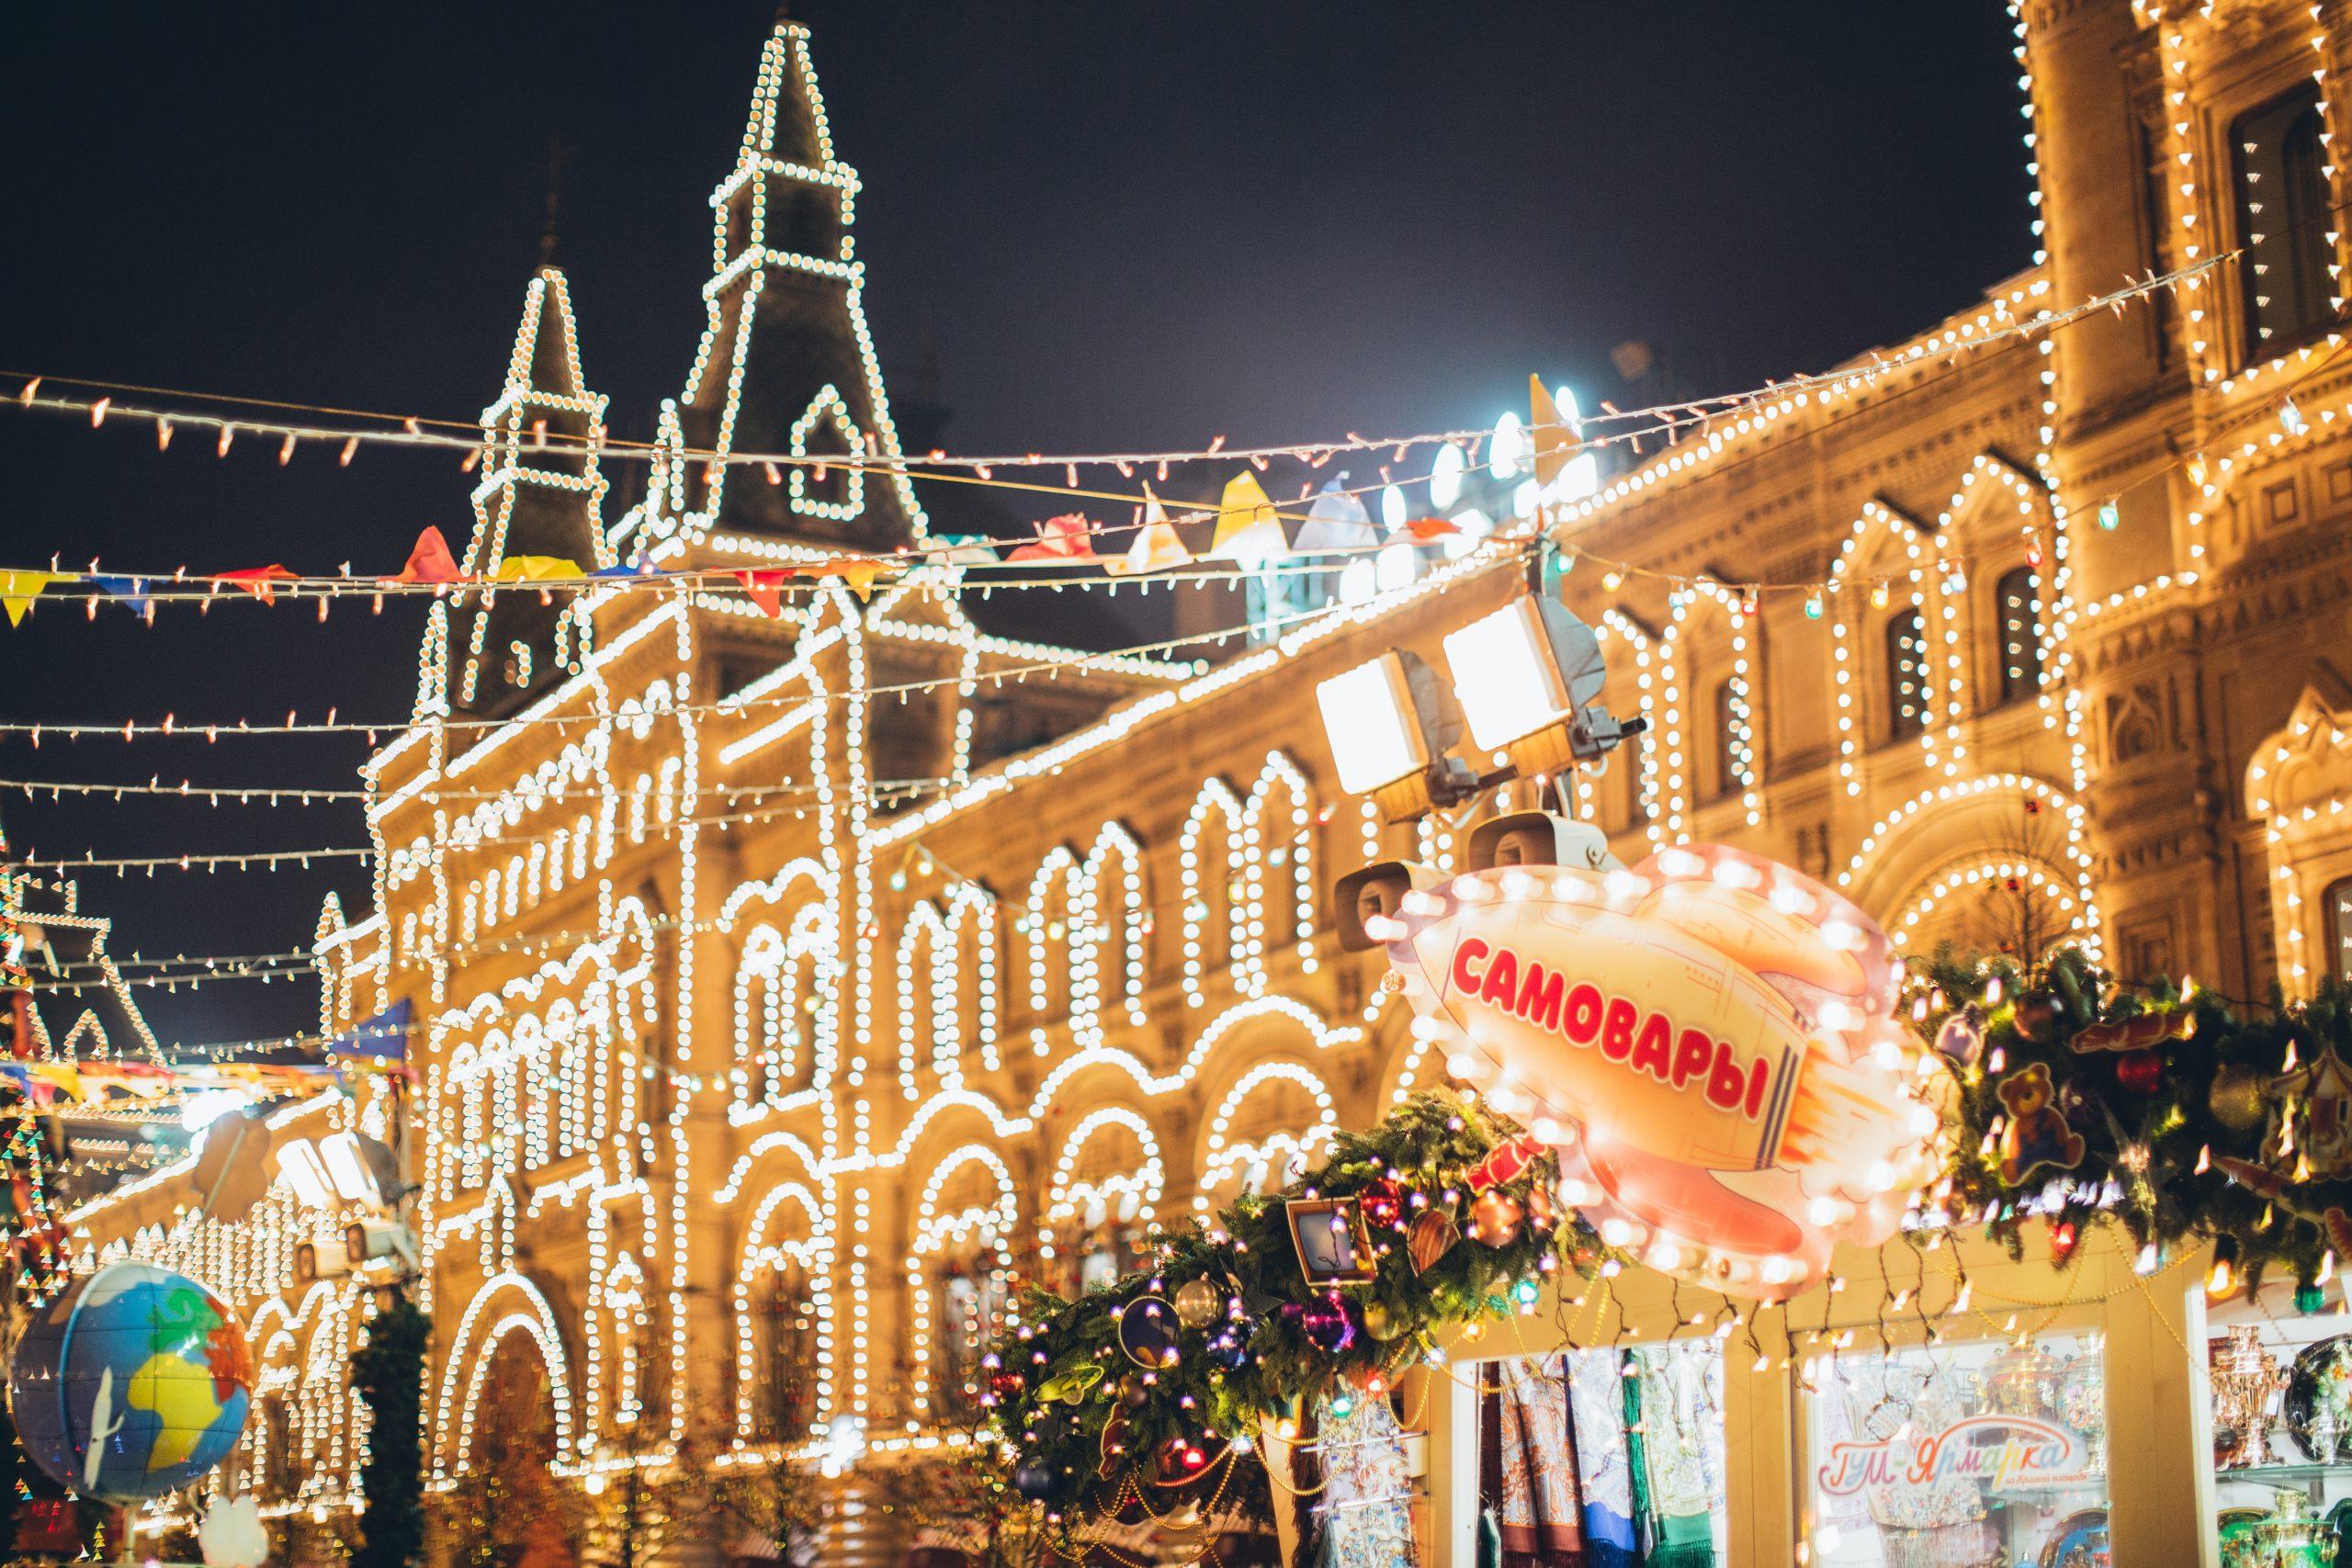 Weihnachten in Russland - beleuchtete Stadt